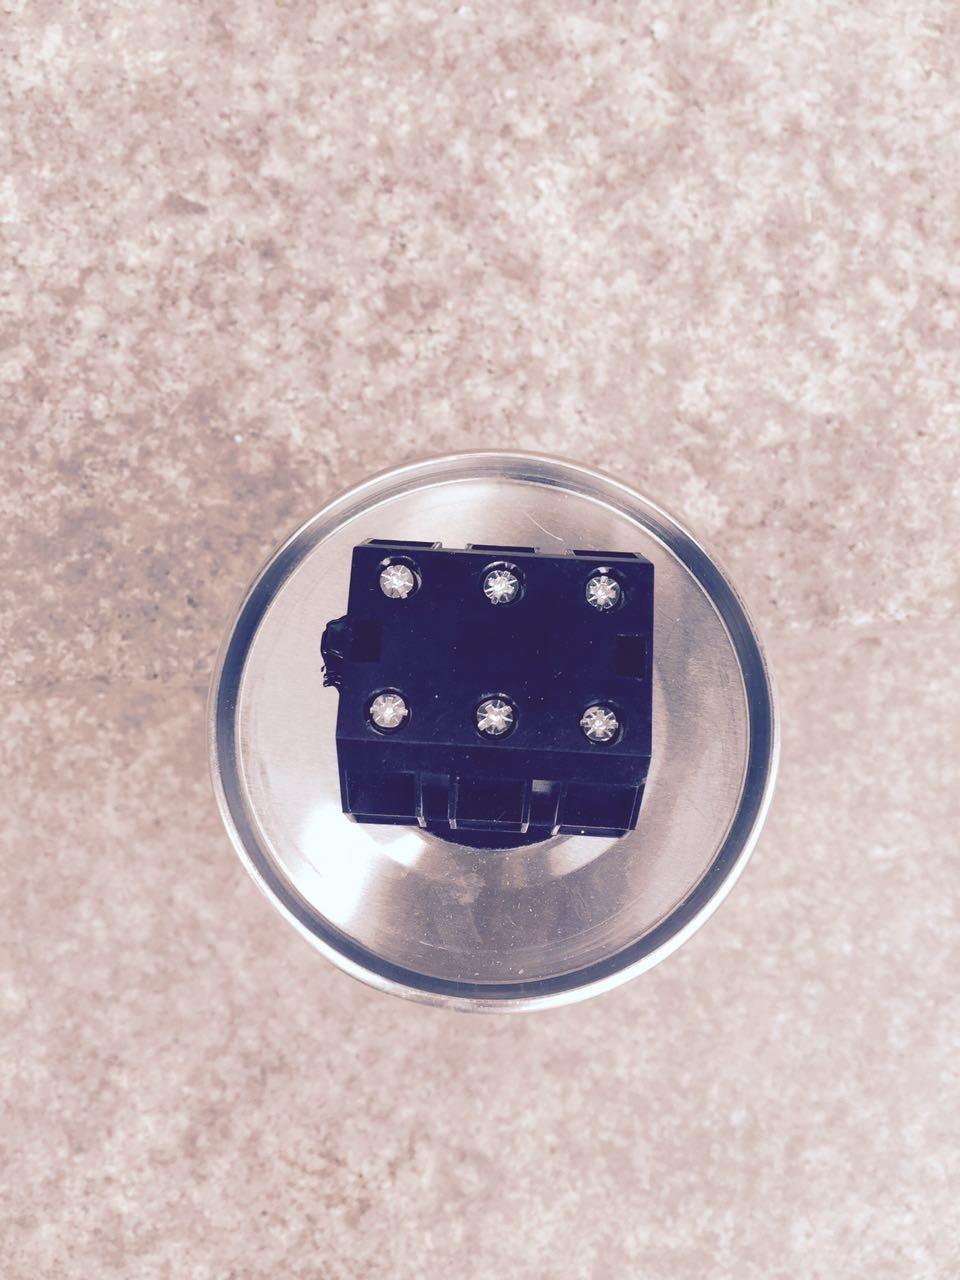 果洛州MK1-100/63N控制与保护开关电器铸造辉煌